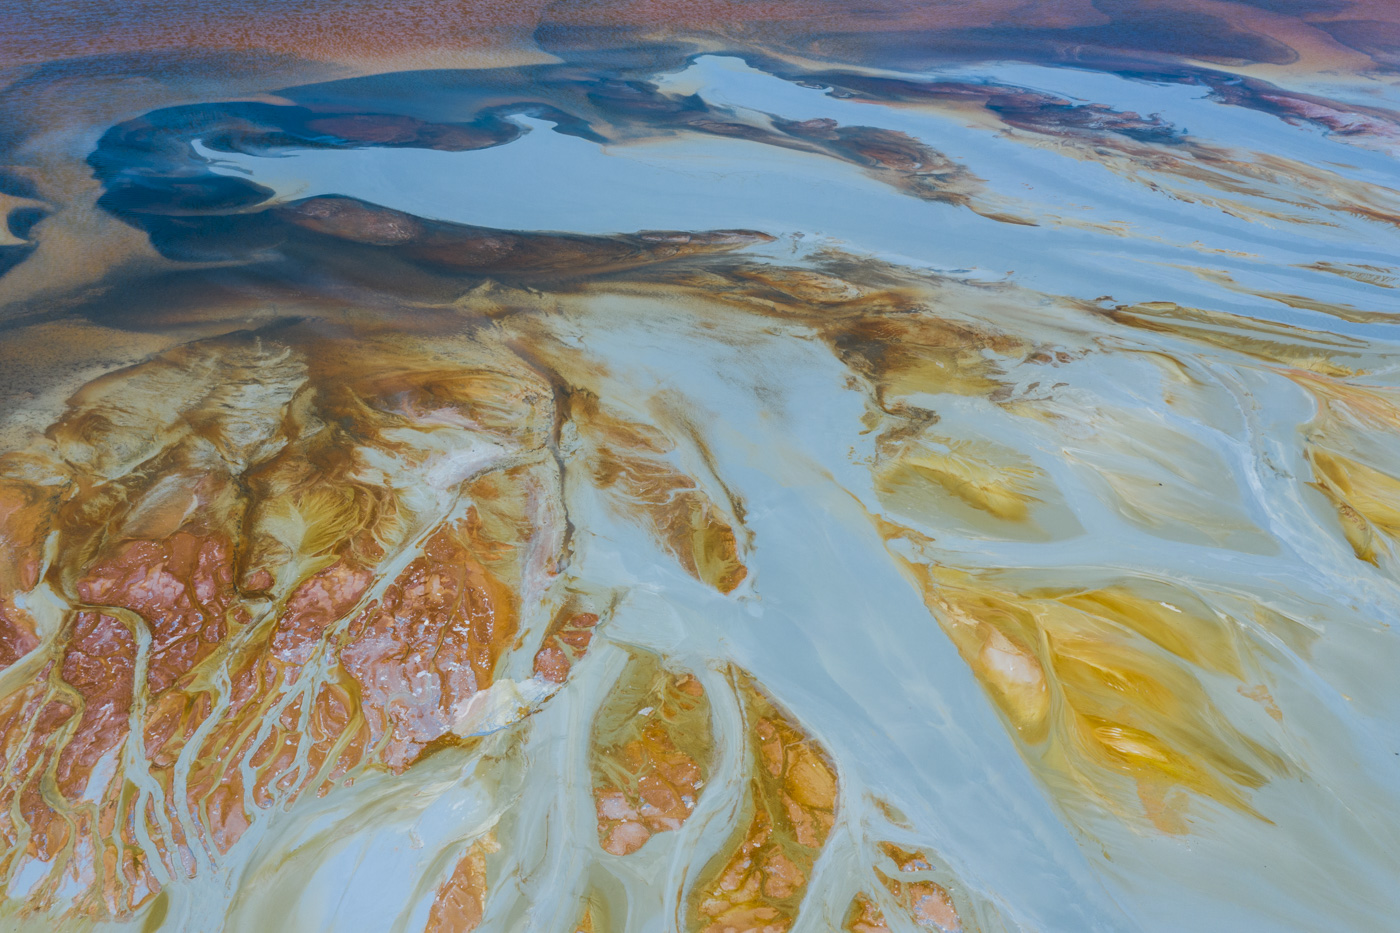 Tinto, rosado o blanco - Uge Fuertes, imágenes aéreas del Rio Tinto